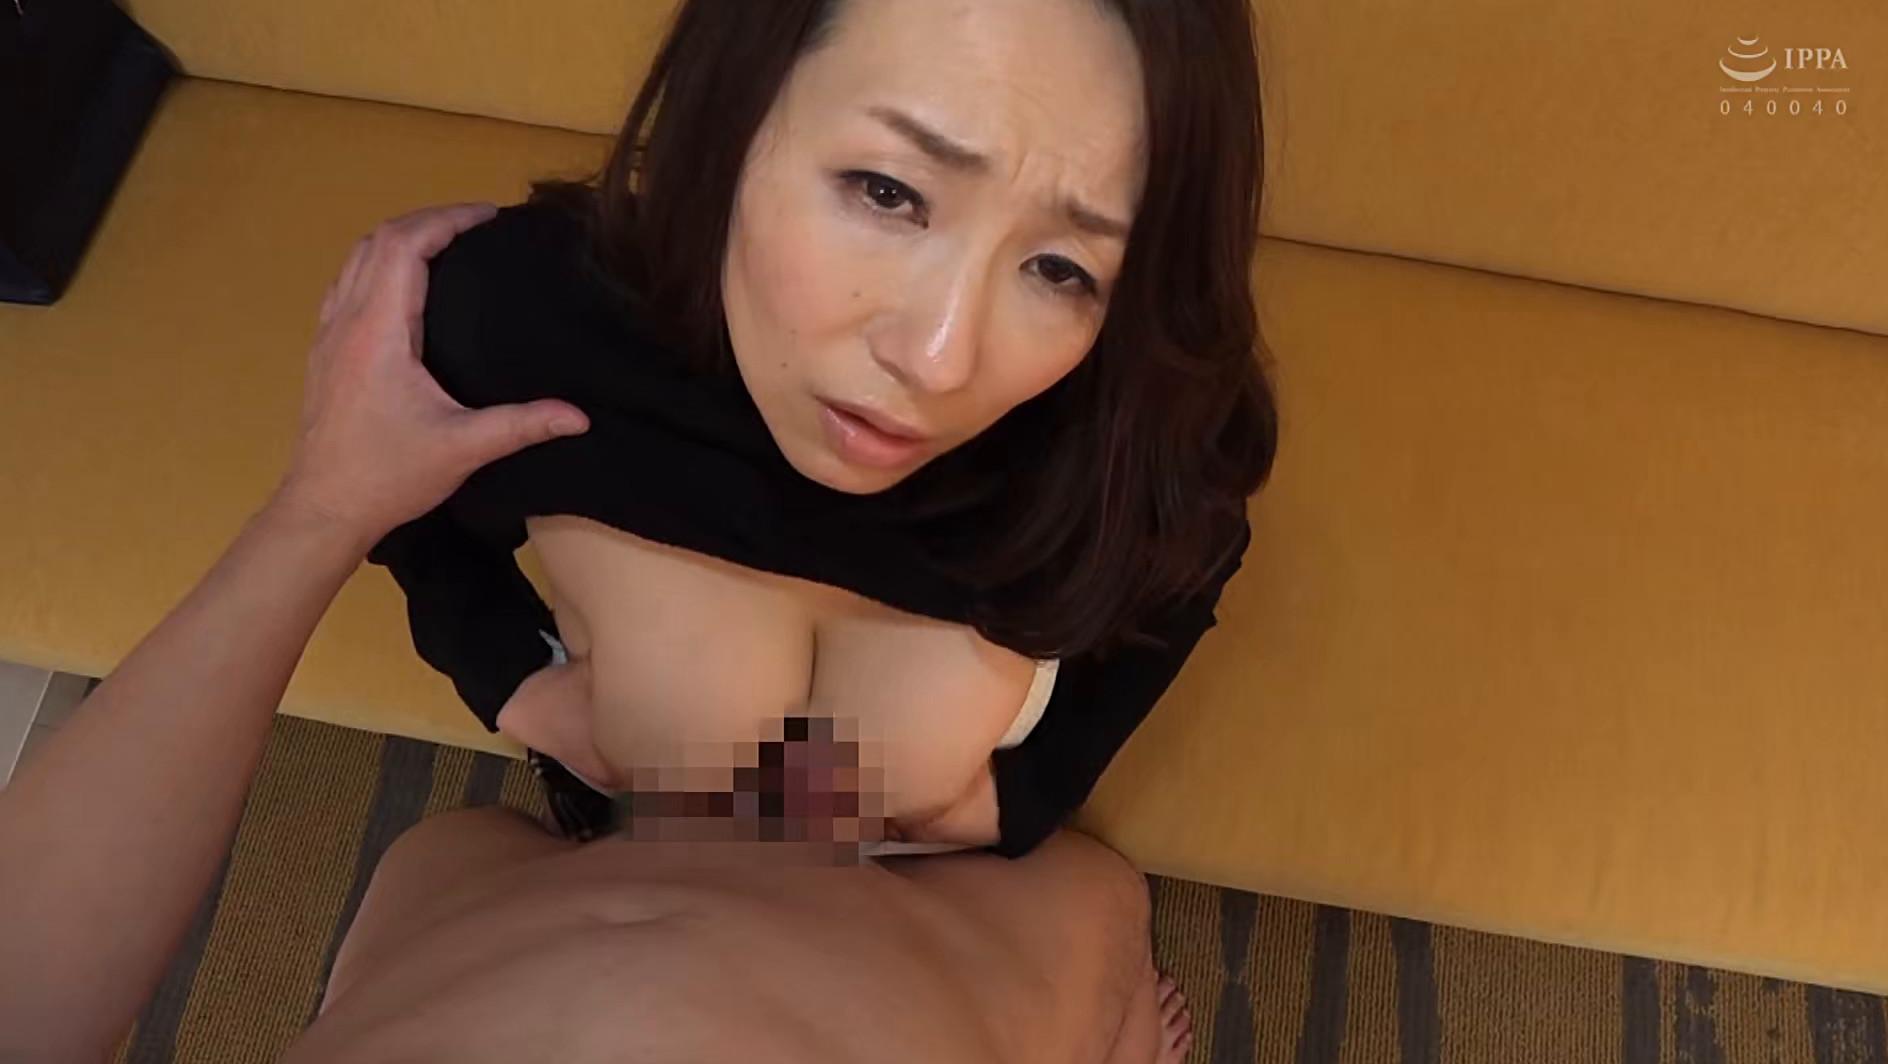 発掘☆デカ乳素人 2 画像14